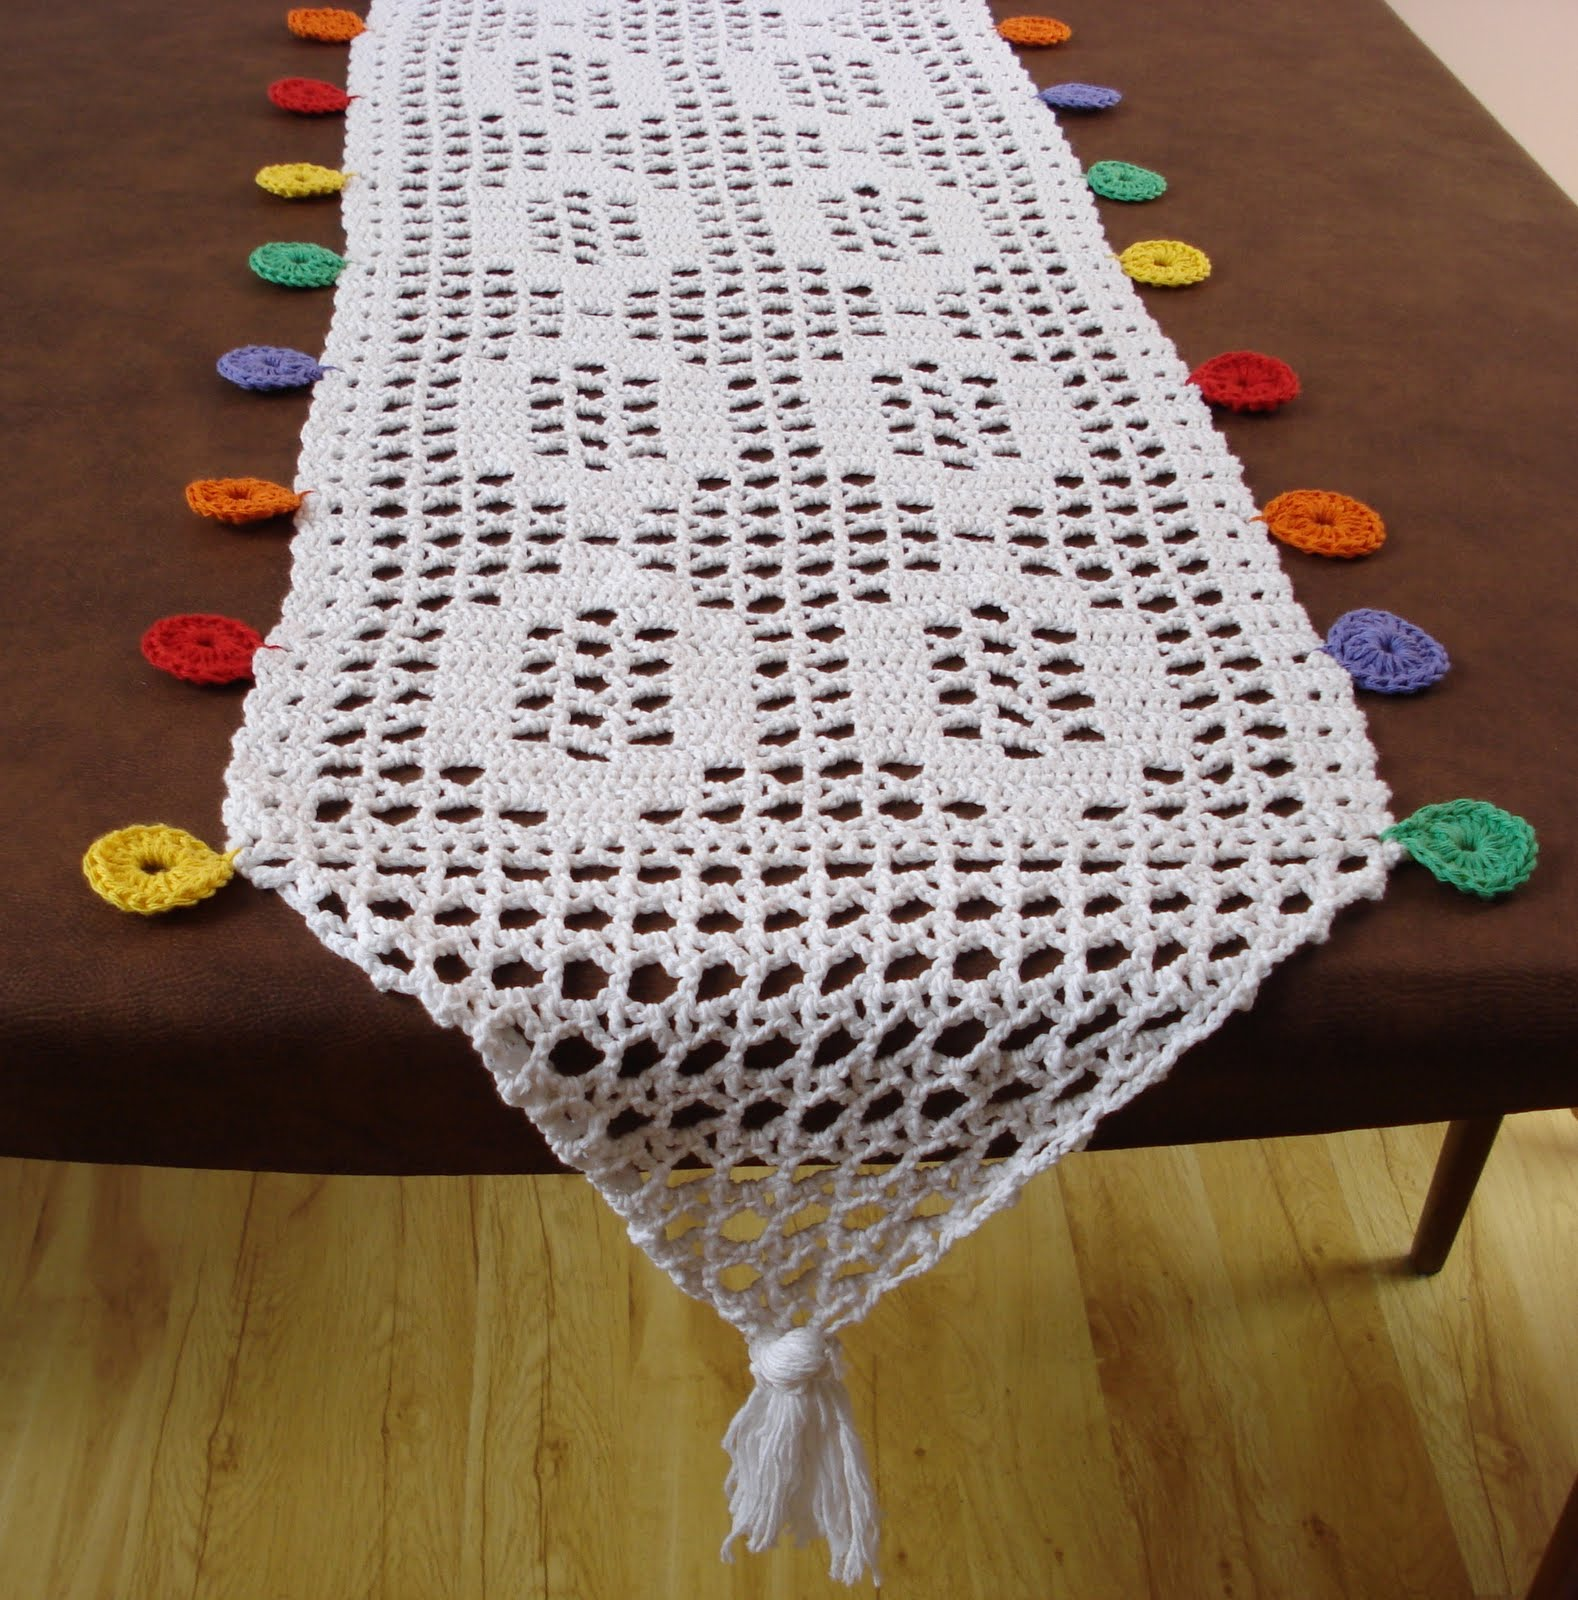 Gata flora accesorios camino mesa al crochet for Camino mesa moderno